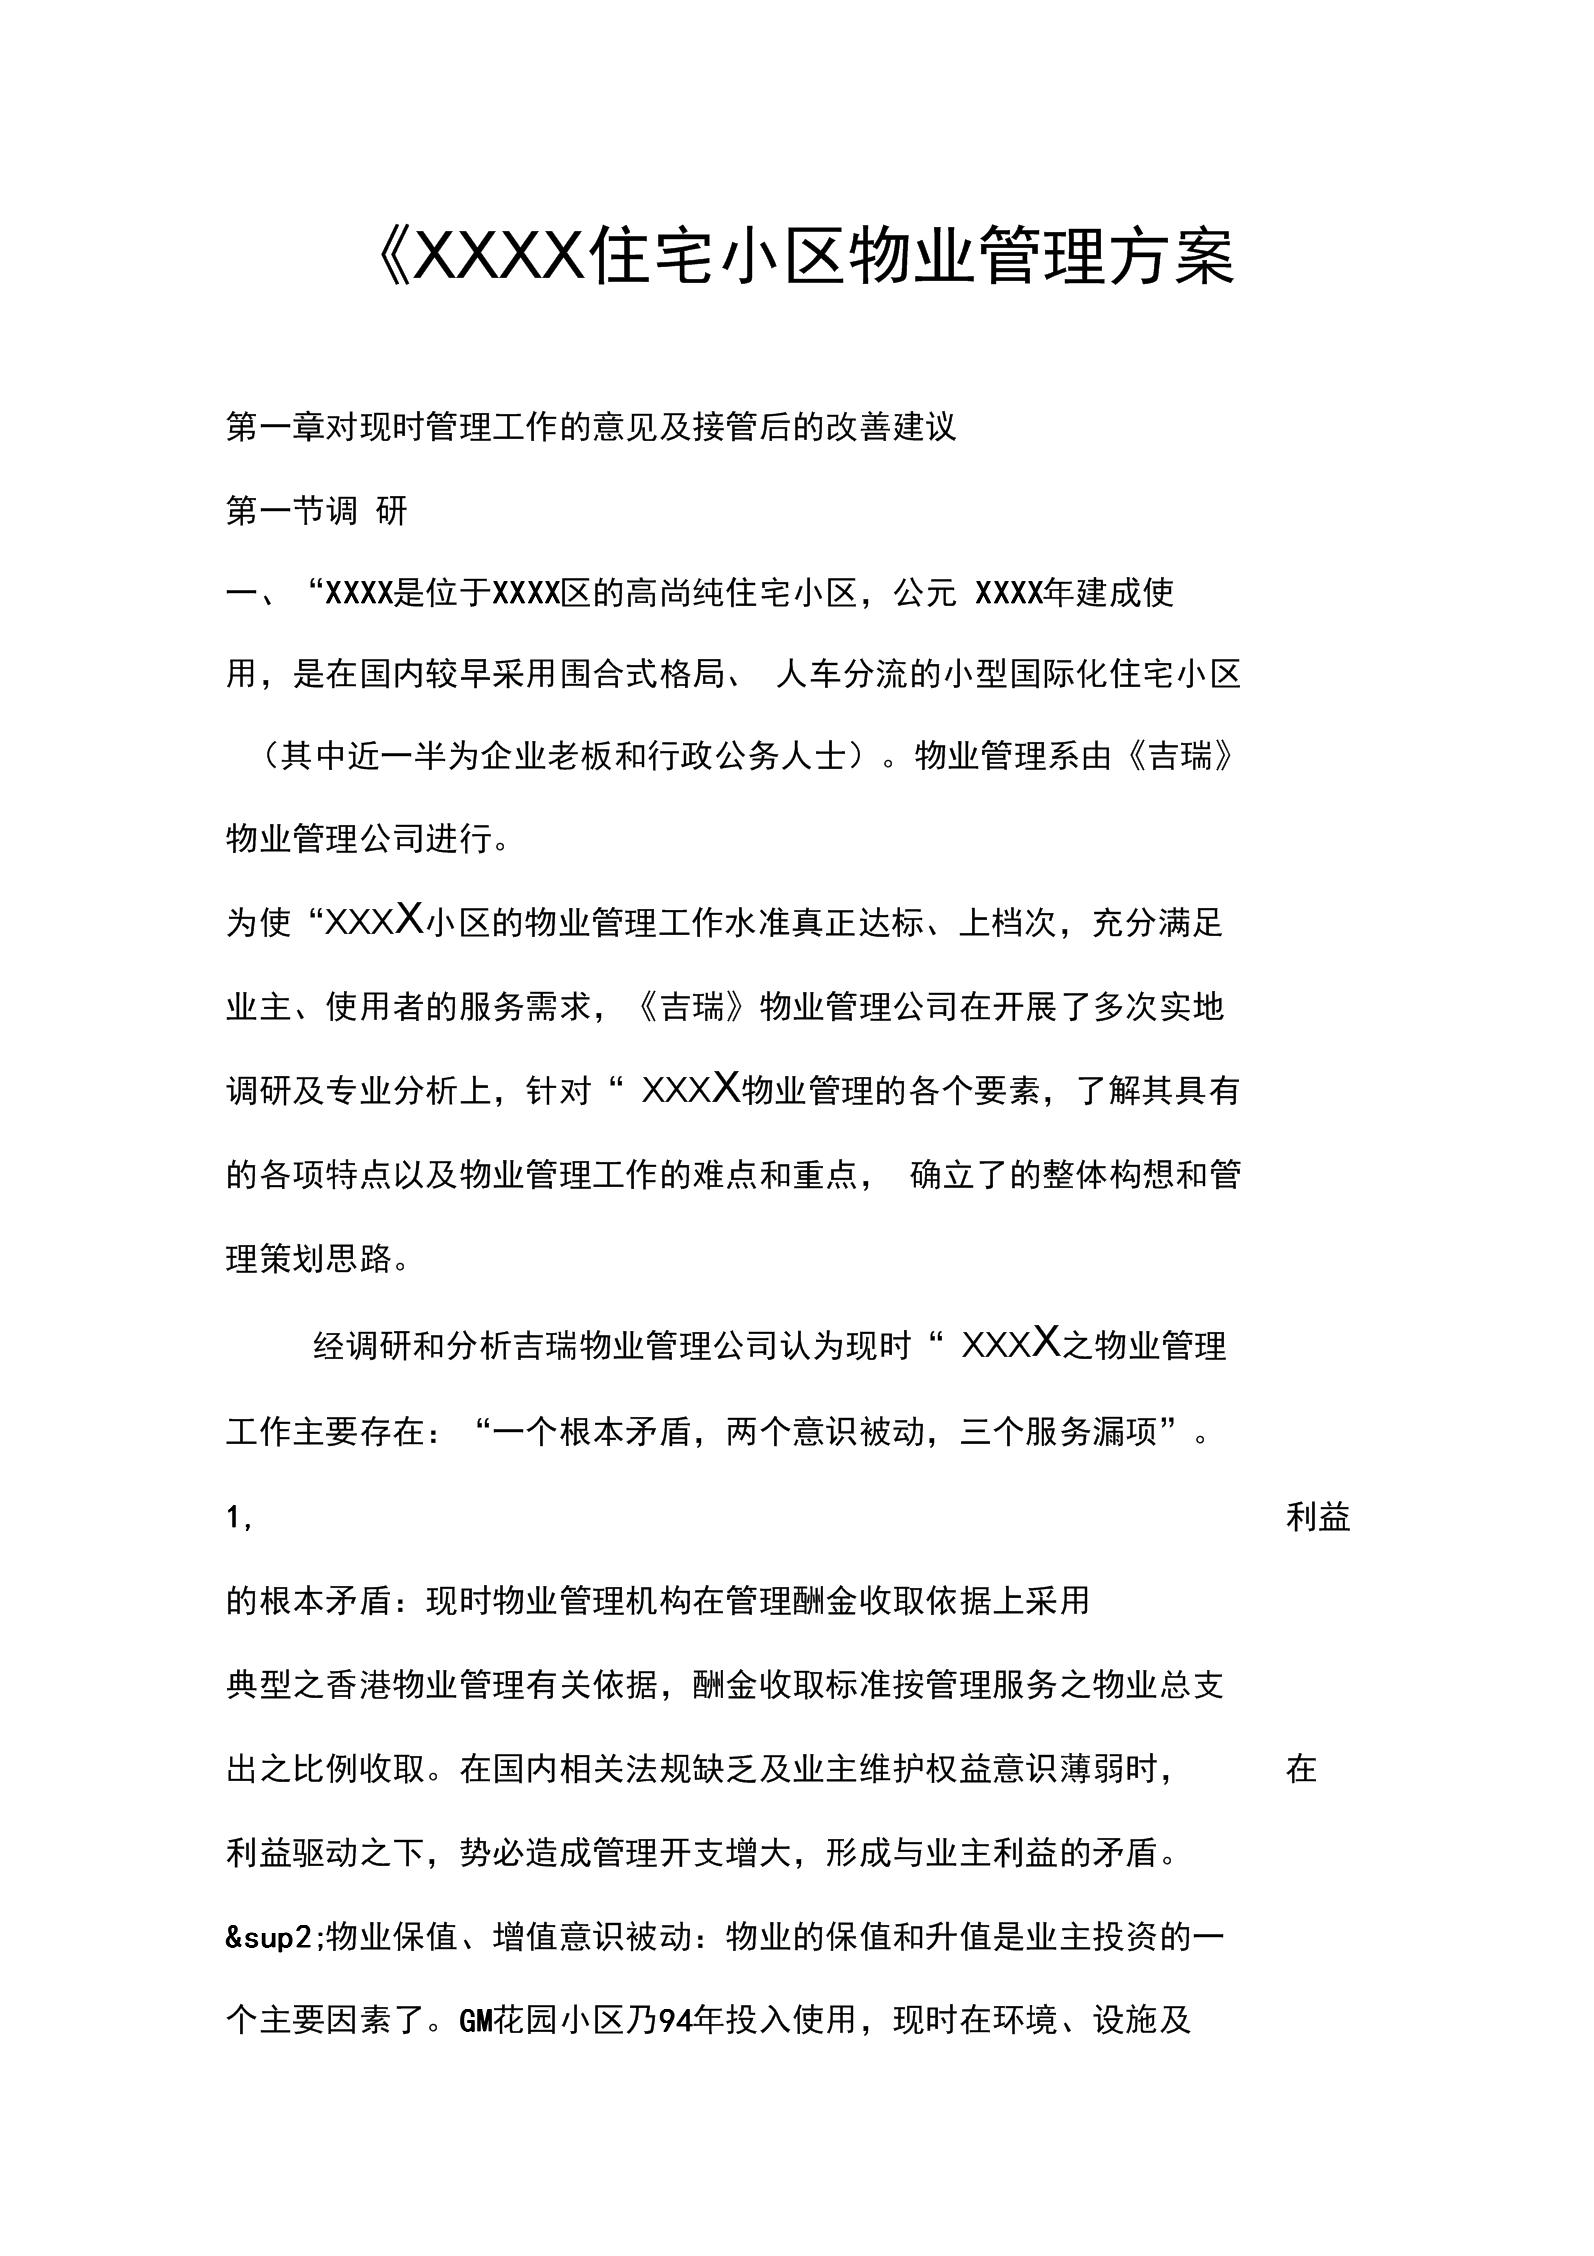 高档住宅小区物业管理方案说明.docx